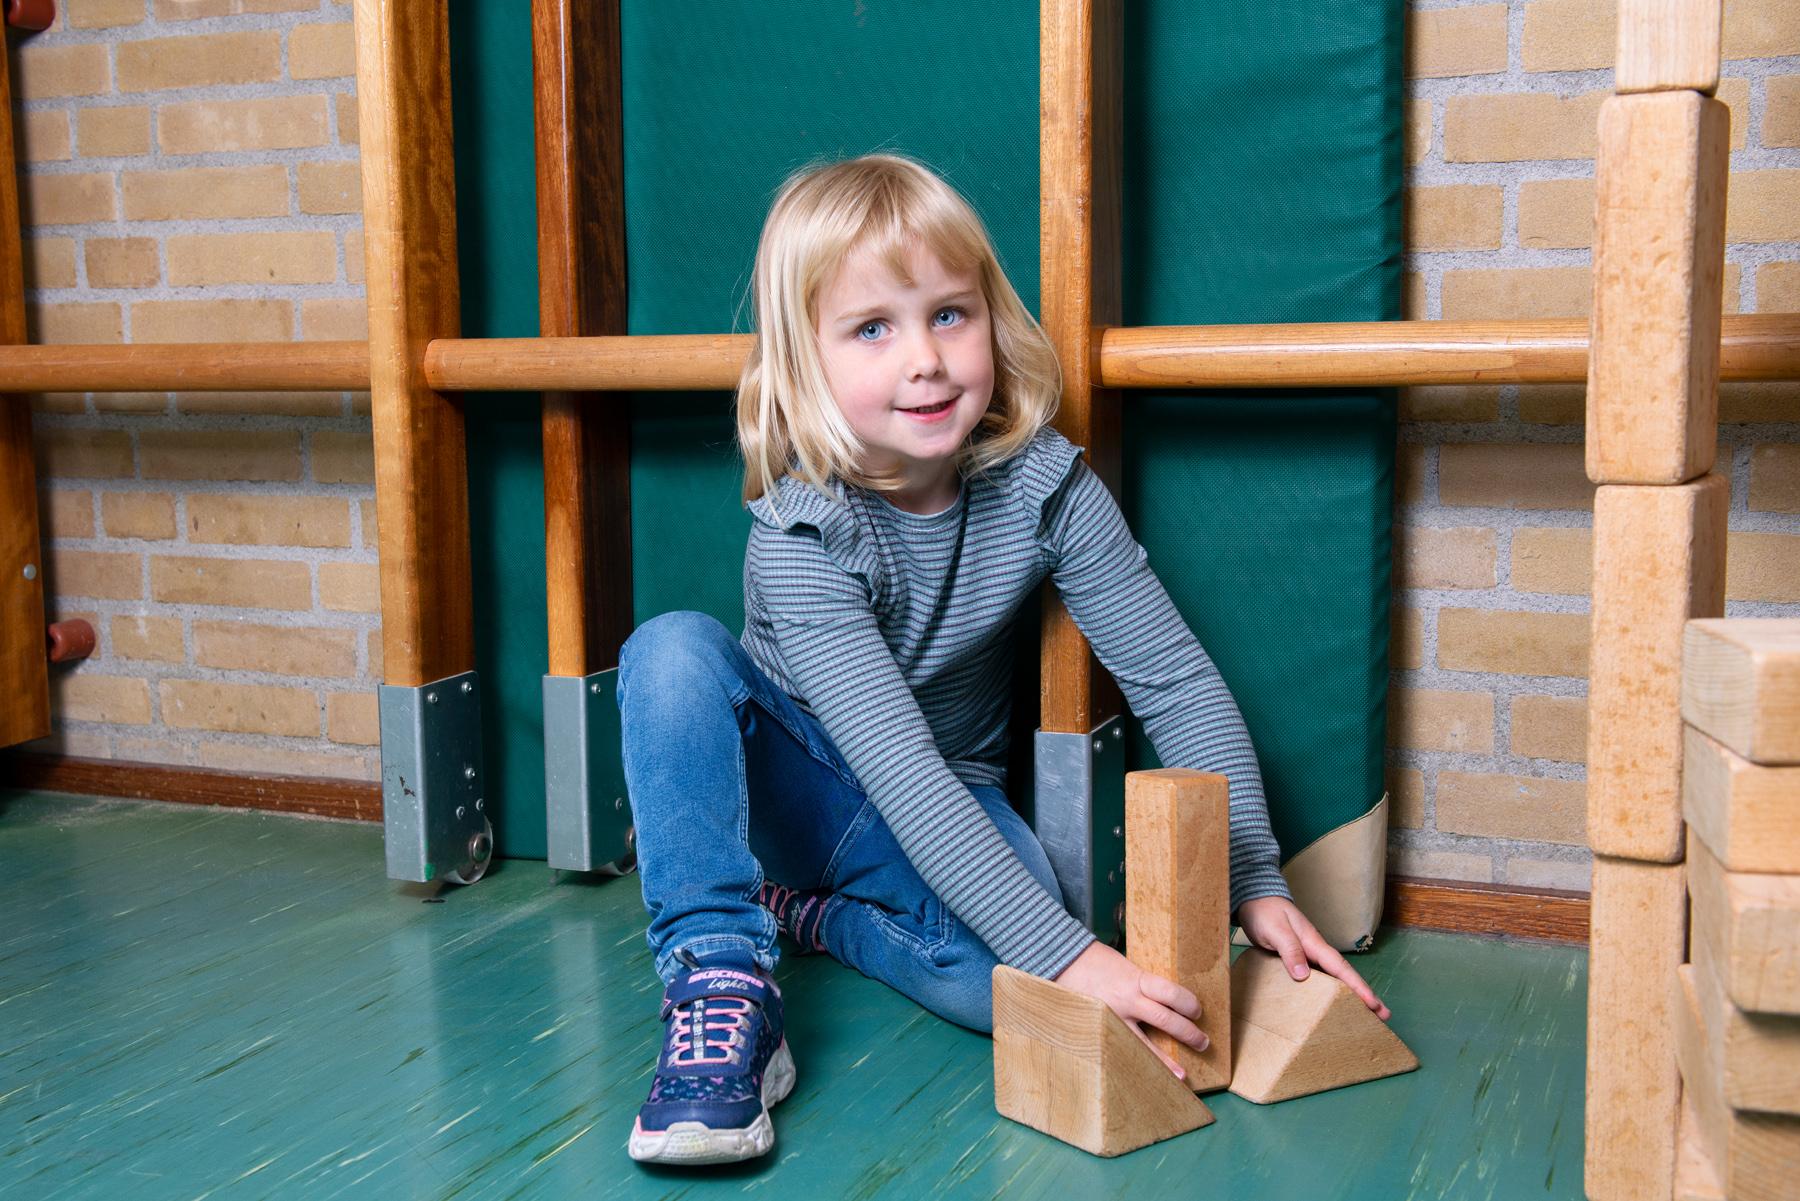 Kindcentrum Het Anker Zwartebroek 05 LR